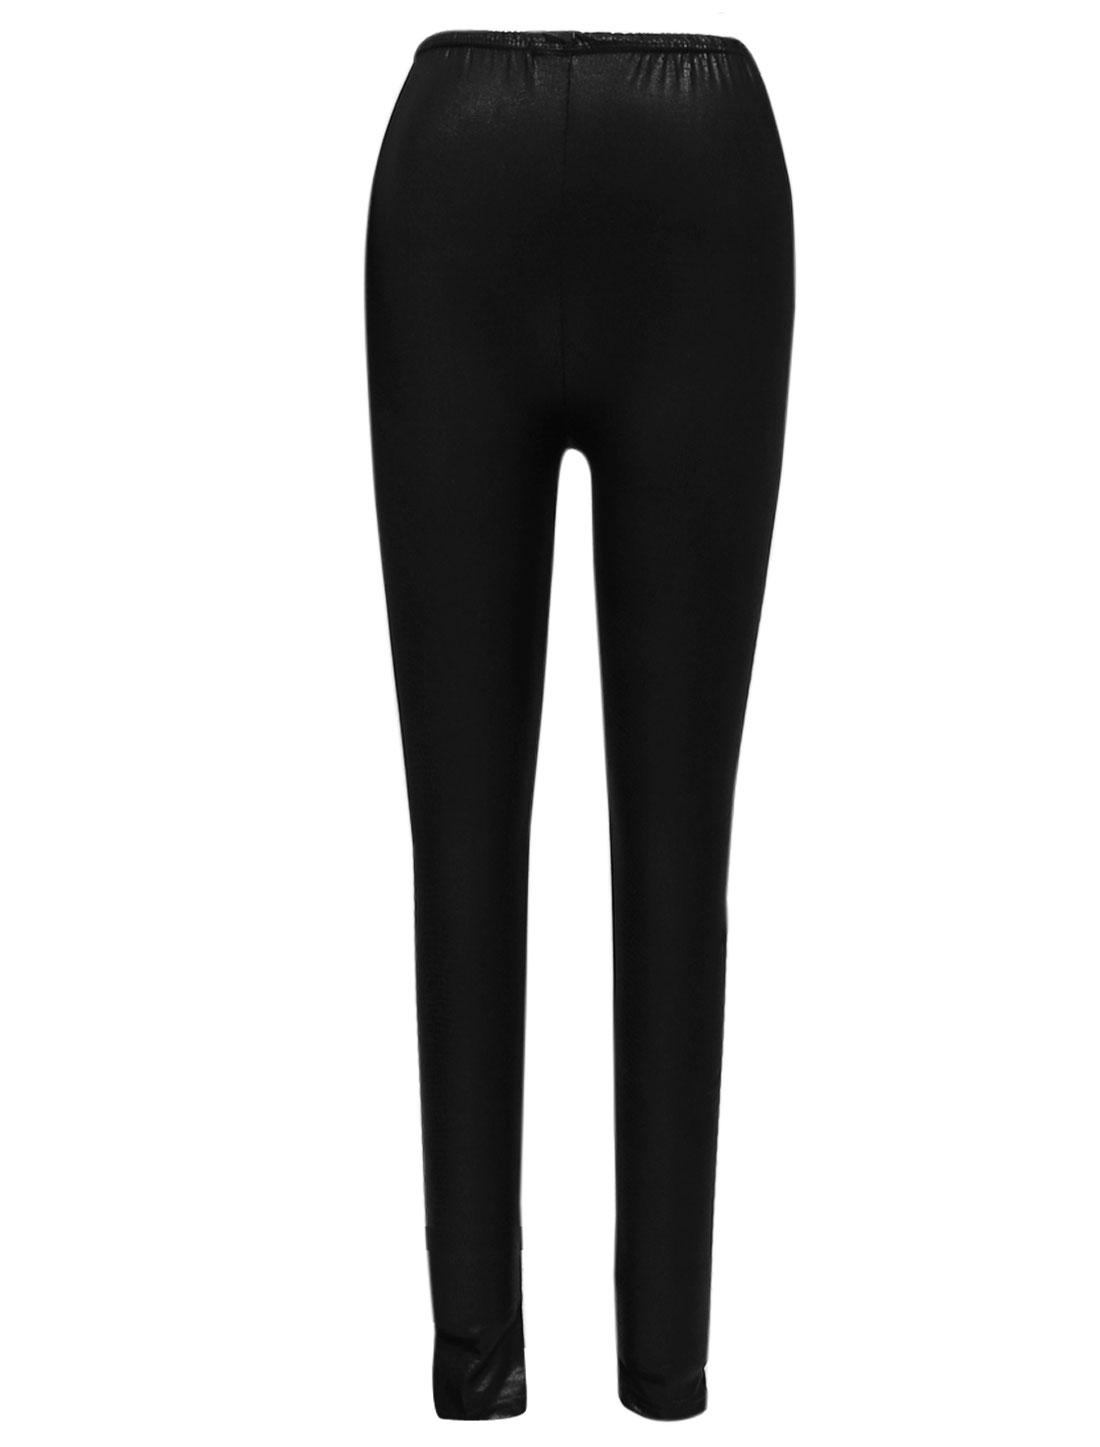 Women Sexy Elastic Waist Snakeskin Design Skinny Leggings Black XS